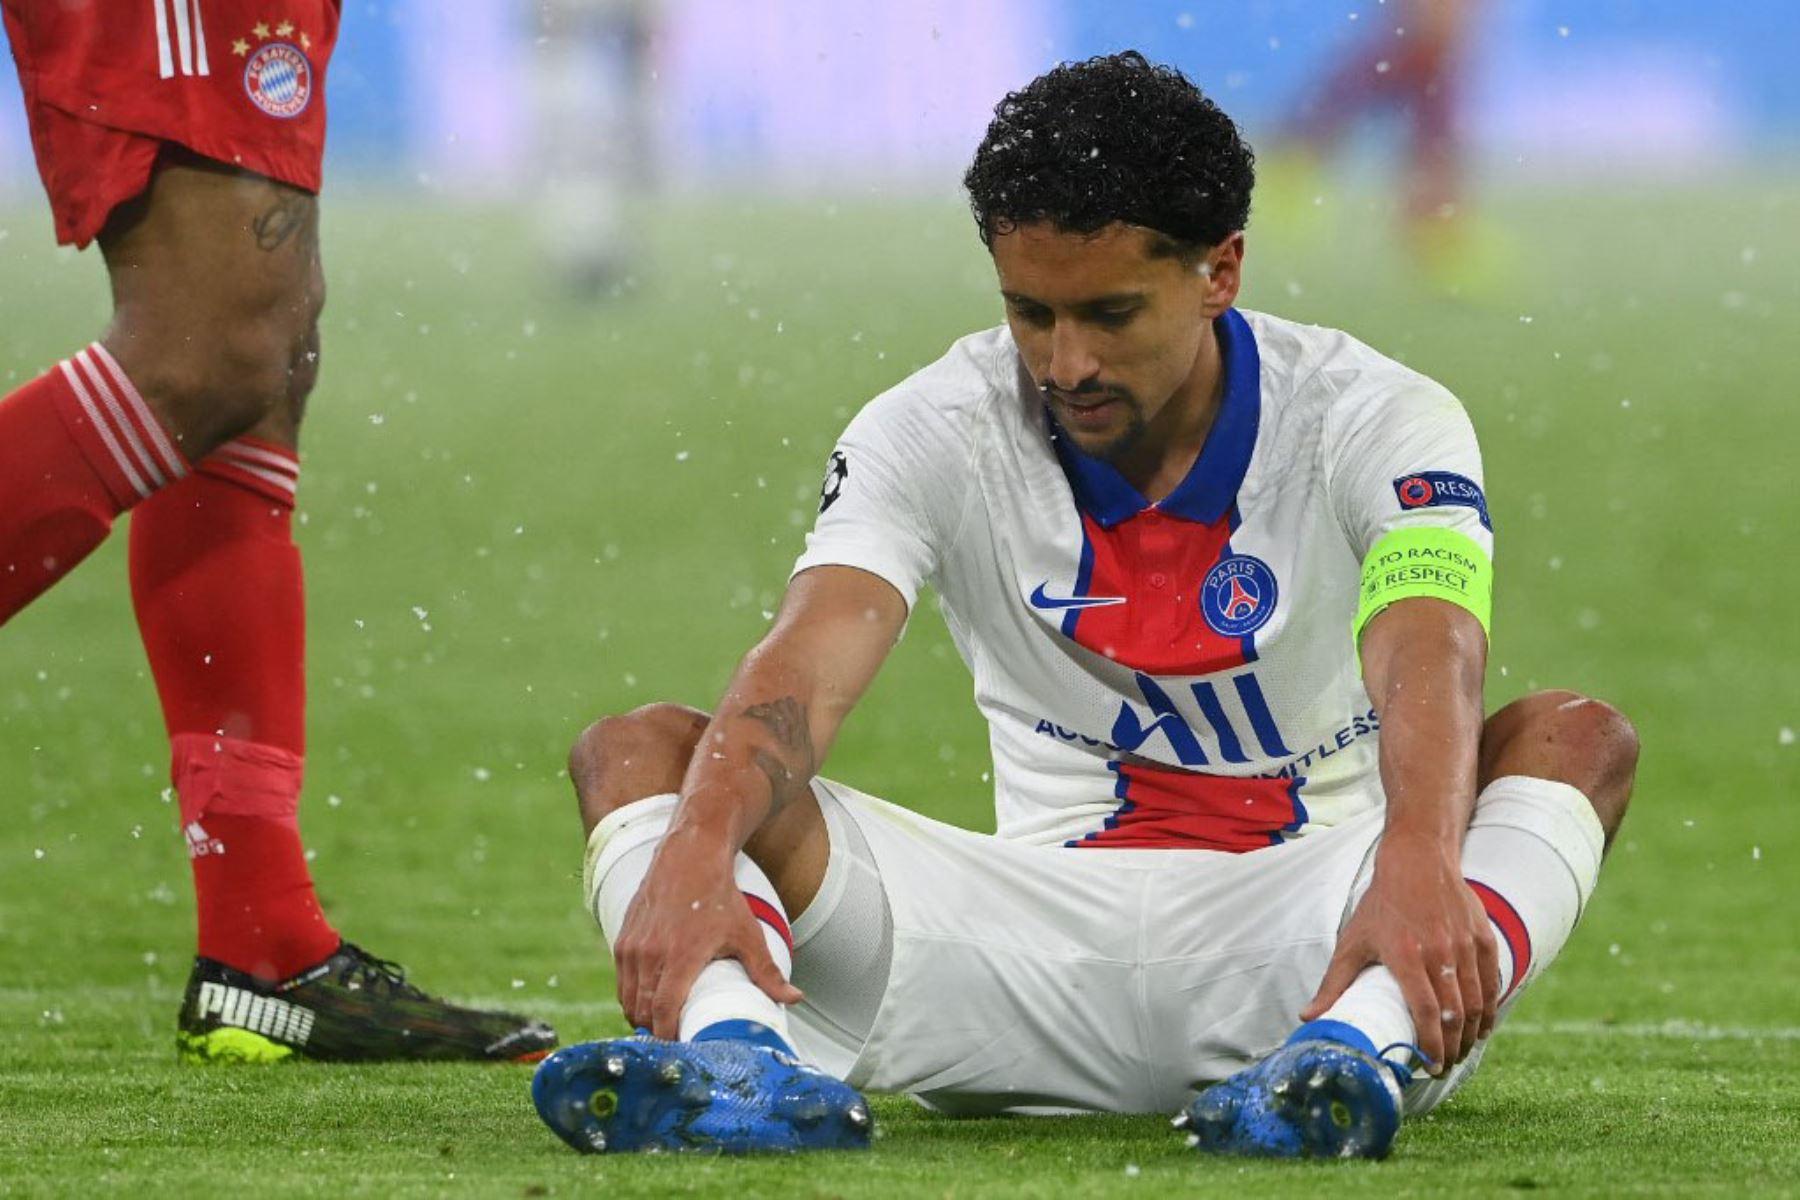 El defensa brasileño del Paris Saint-Germain, Marquinhos, se encuentra lesionado justo después de anotar el 0-2 y tiene que irse durante el partido de ida de cuartos de final de la UEFA Champions League entre el FC Bayern de Múnich y el Paris Saint-Germain.  Foto:AFP